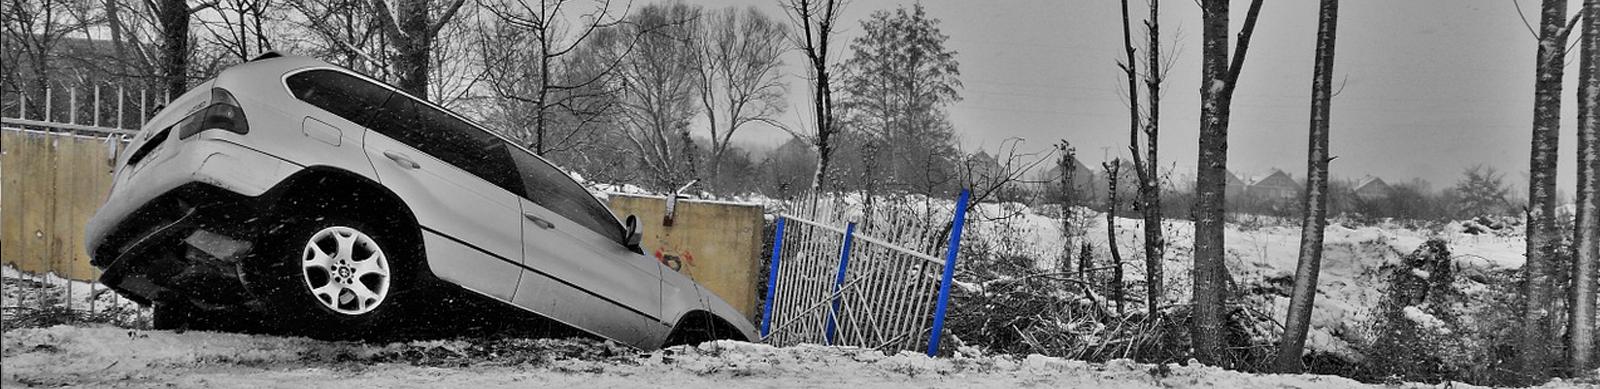 Afname verkeersongevallen staat tegenover hogere schadeclaims